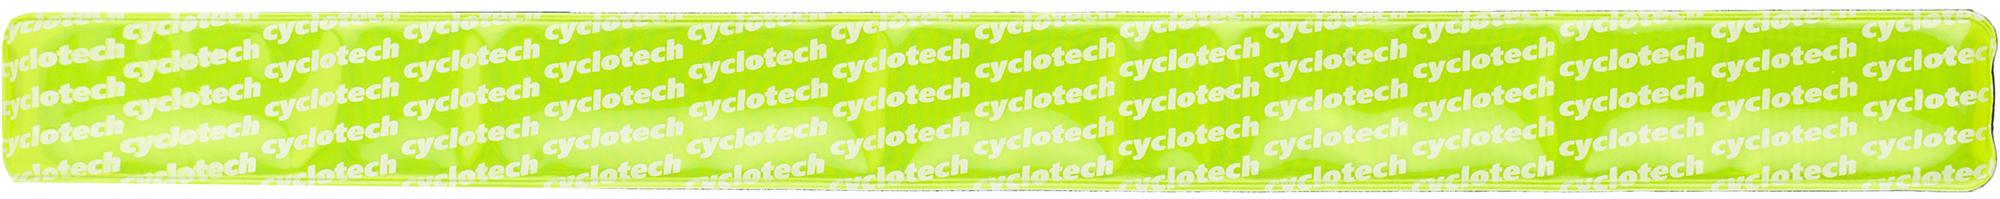 Cyclotech Браслет светоотражающий